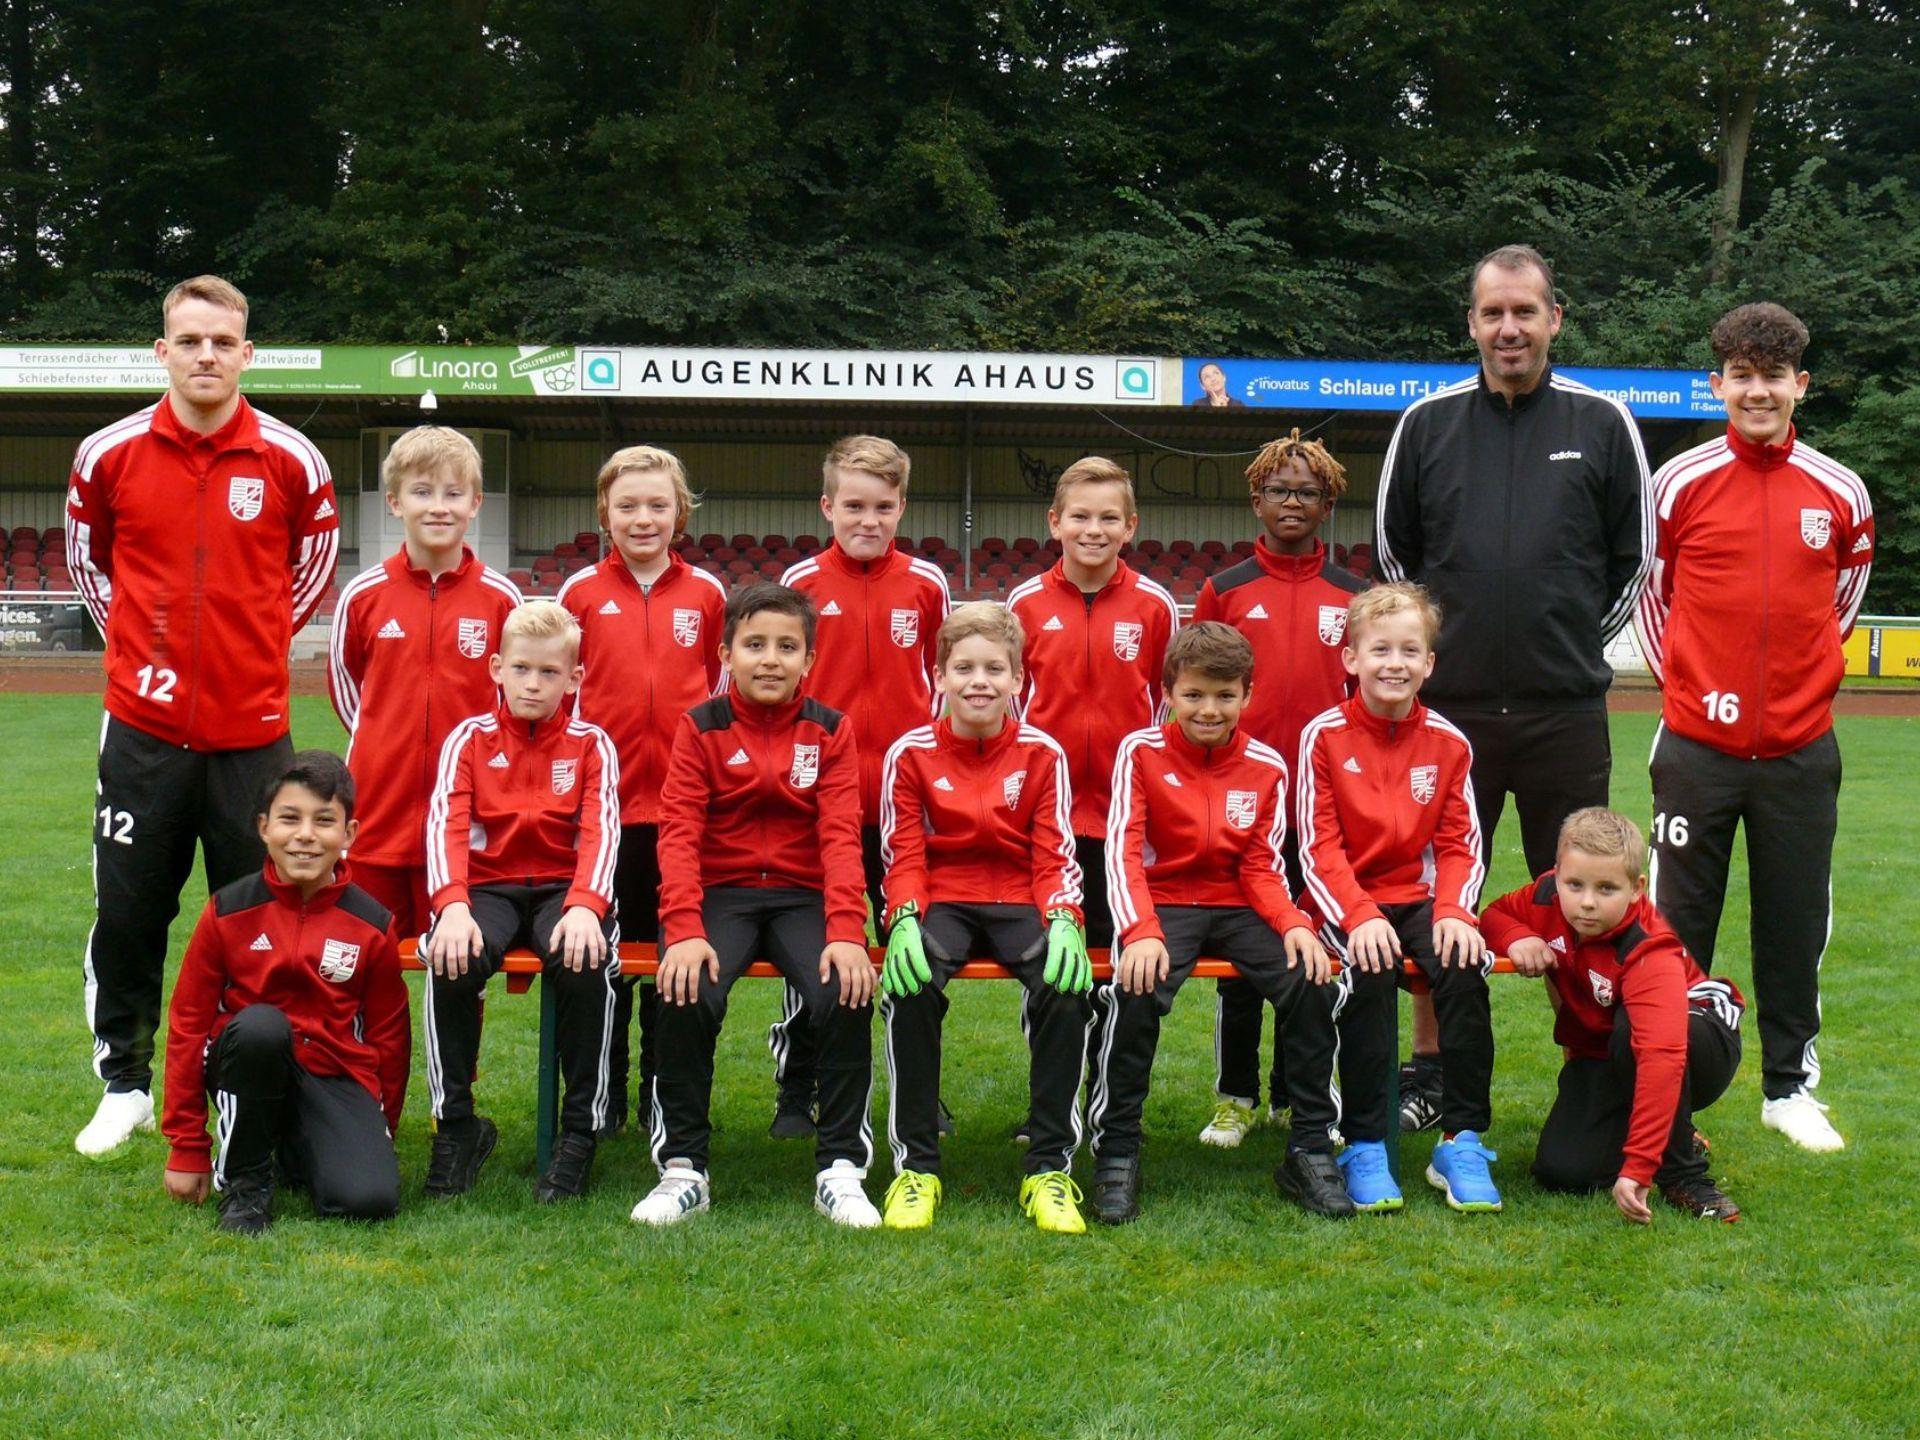 E1-Junioren | SV Eintracht Ahaus